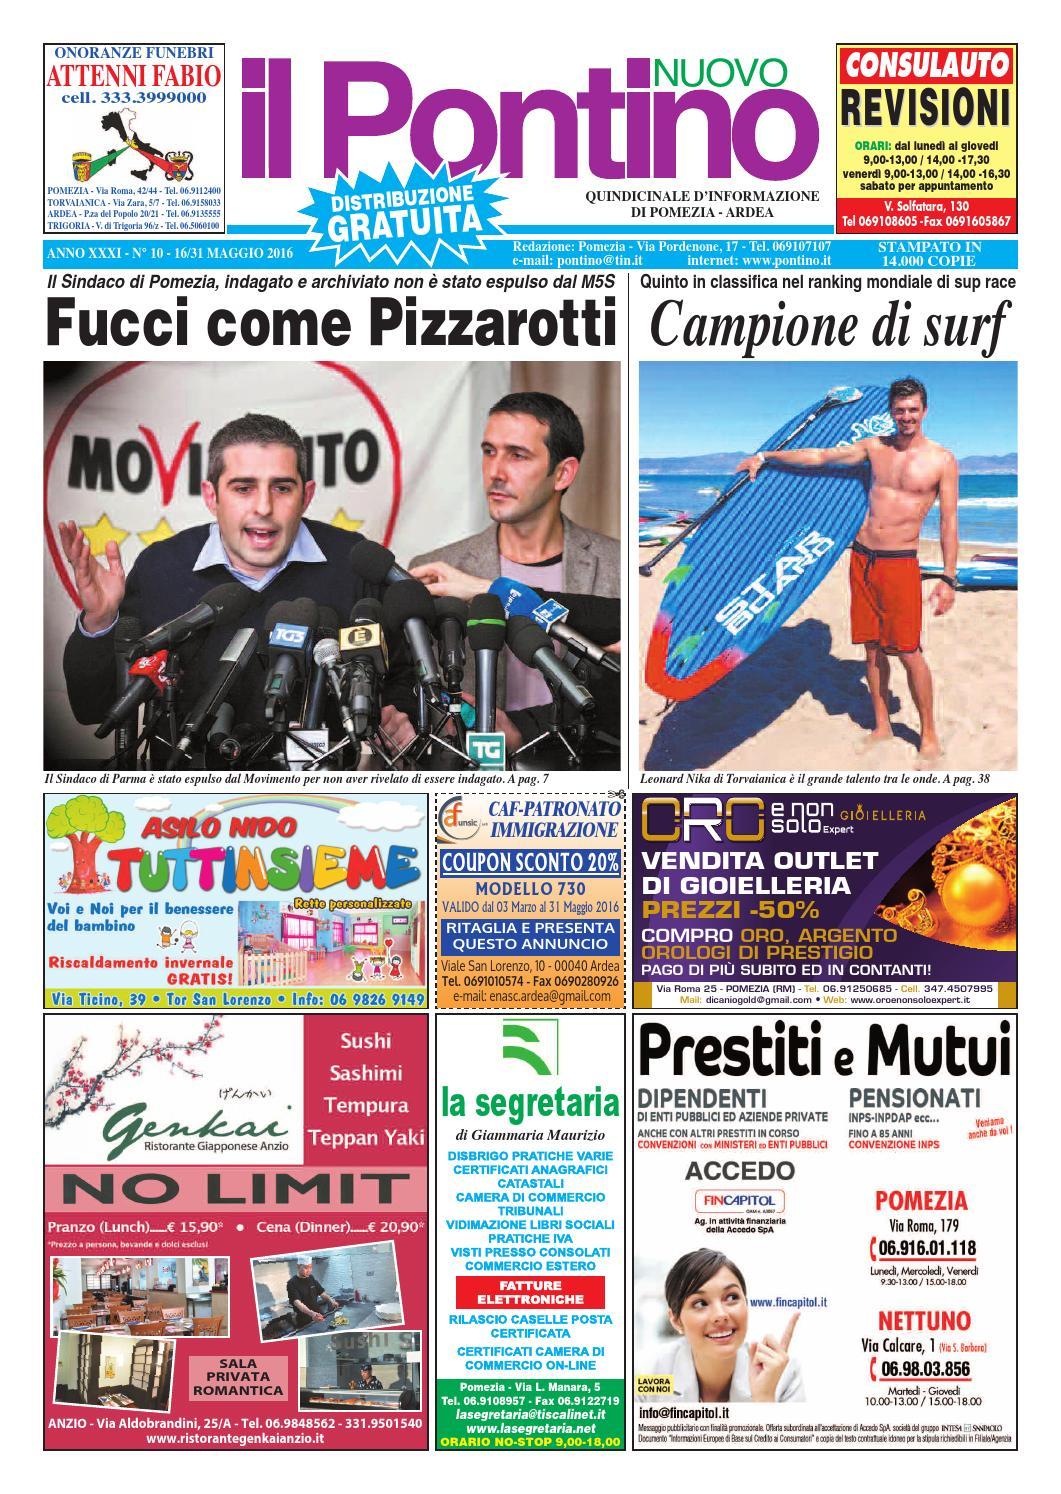 Il Pontino Nuovo - Anno XXXI - N. 10 - 16 31 Maggio 2016 by Il Pontino Il  Litorale - issuu 99c096826f3c